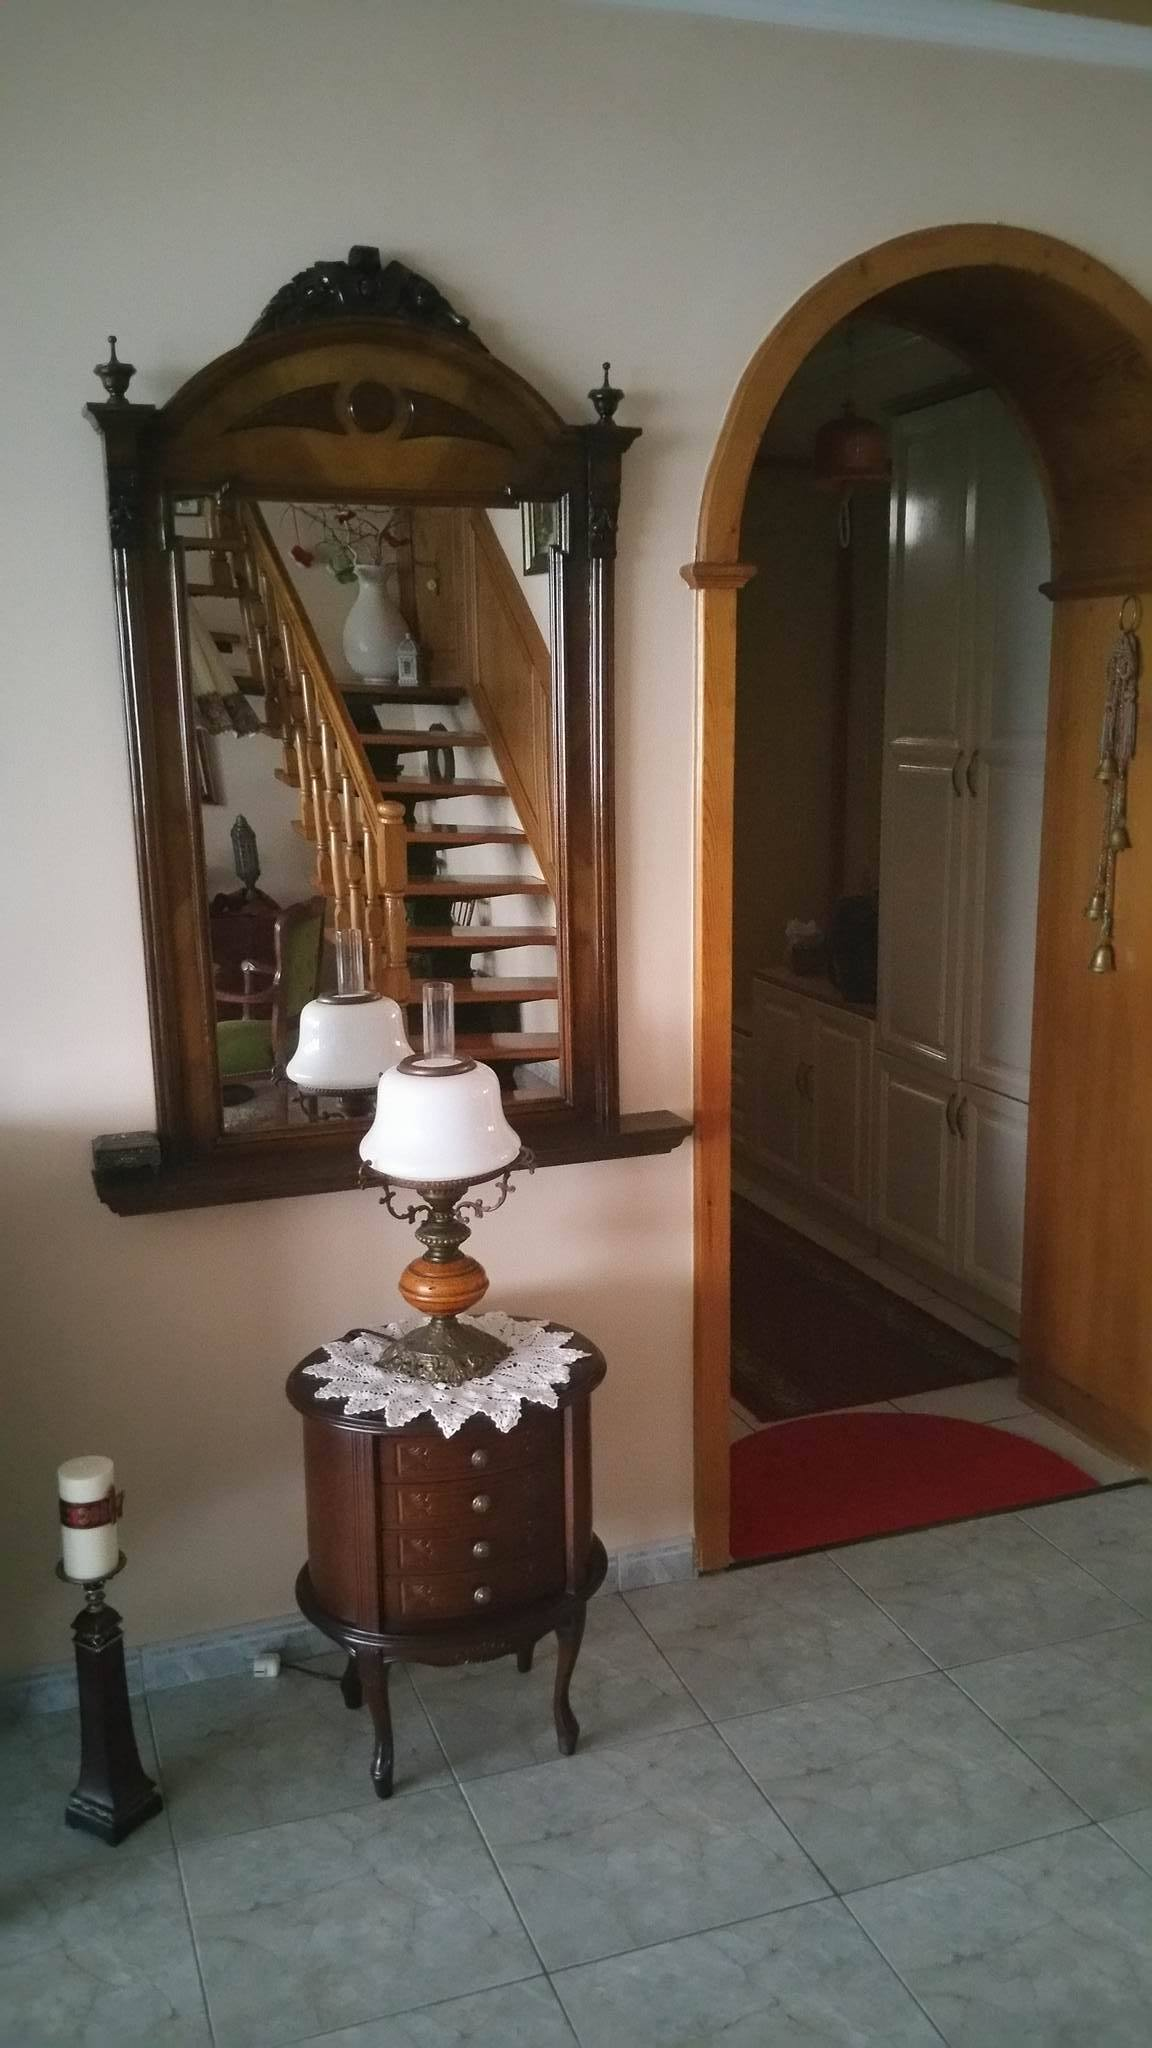 Egy igazi régiségkedvelő otthonából az antik tükör sem hiányozhat!